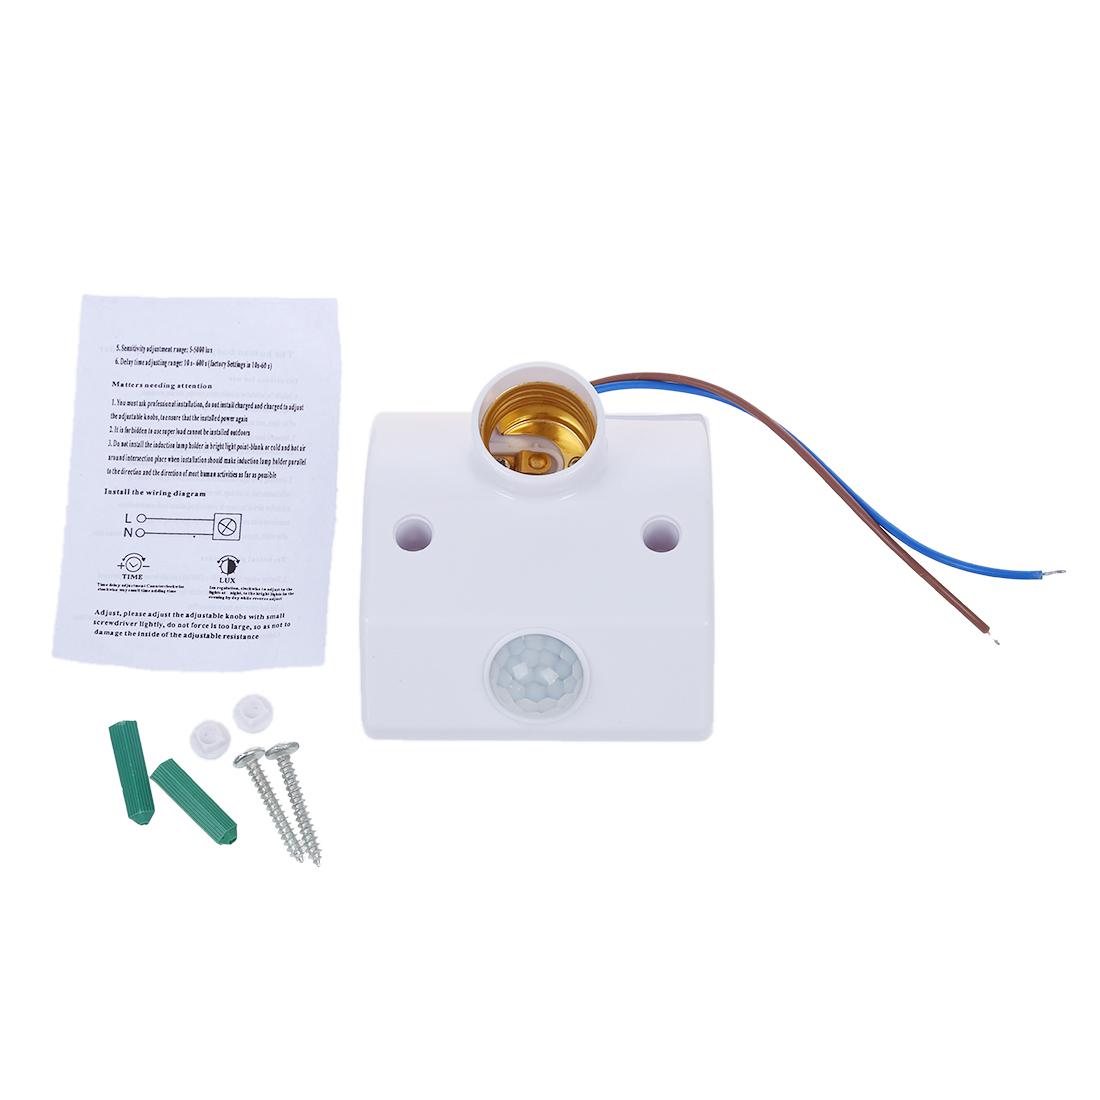 Culot douille ir ampoule lampe a detecteur mouvement wt ebay - Douille detecteur de mouvement ...